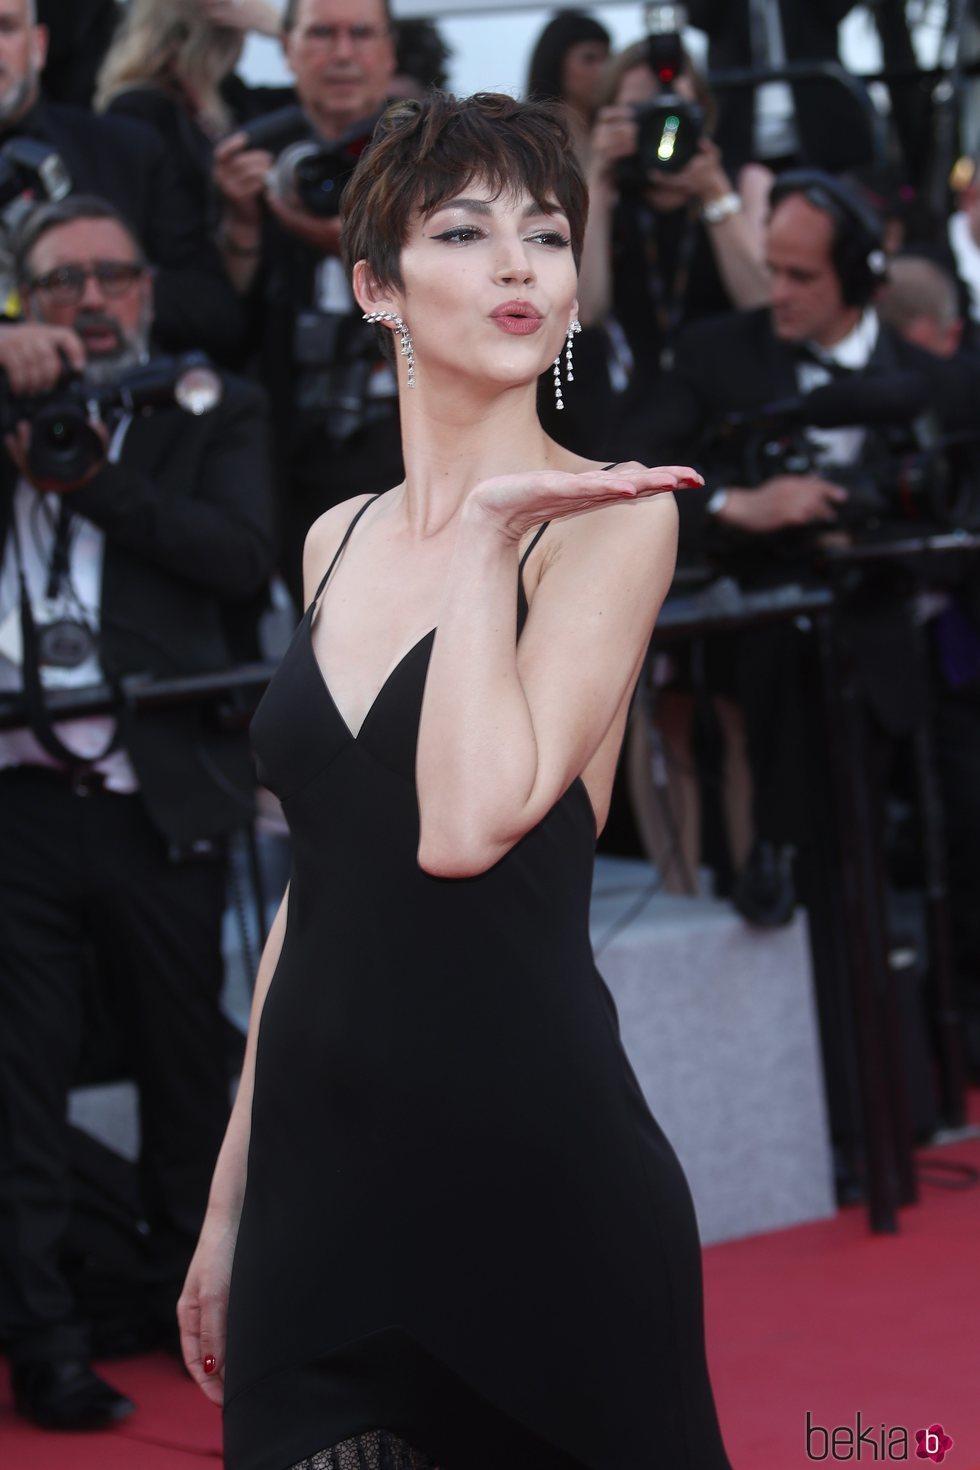 Úrsula Corberó lanza un beso en la alfombra roja del Festival de Cannes de 2018